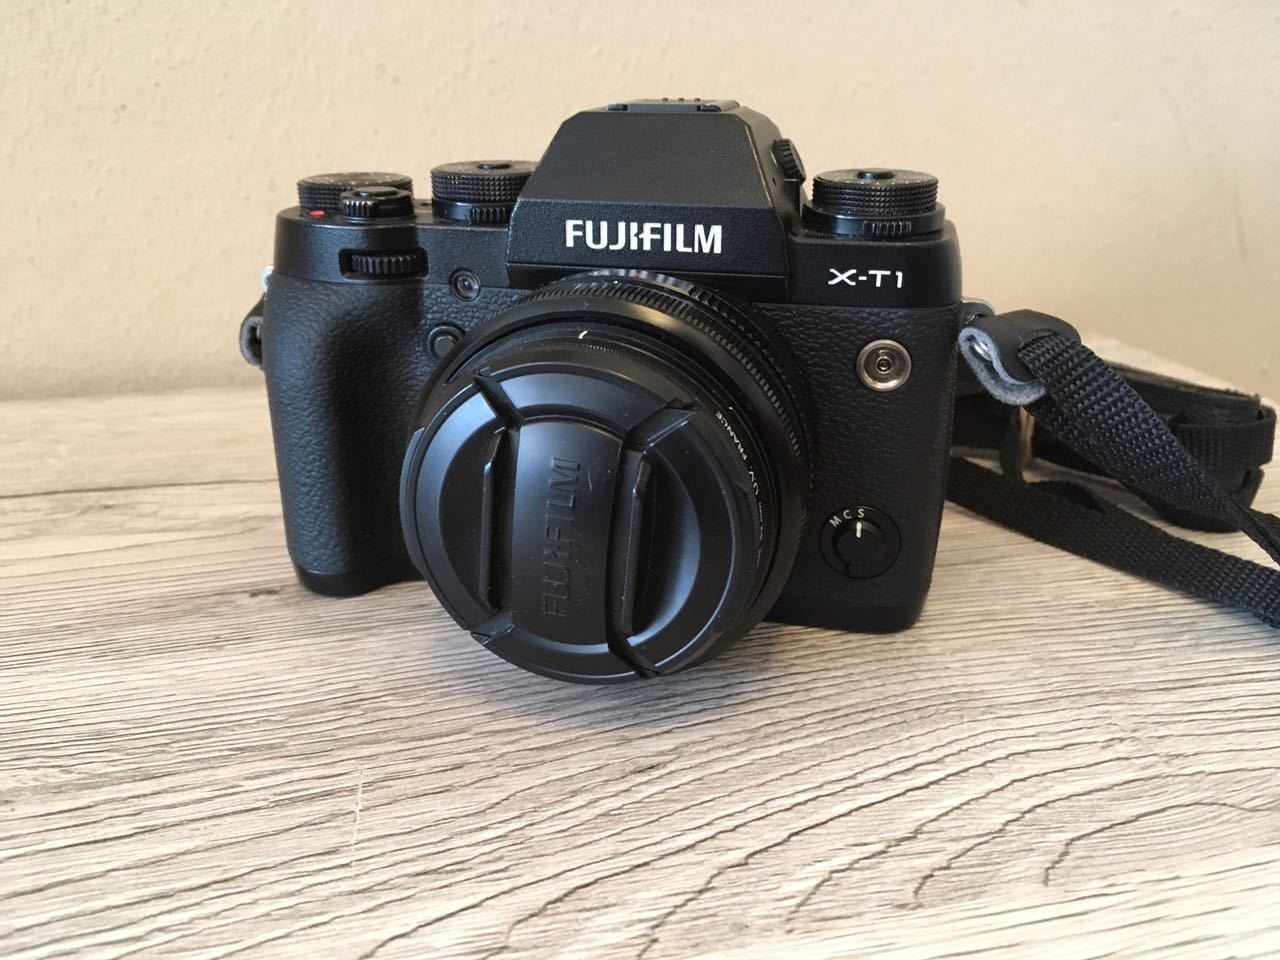 Fujifilm X-T1 Systemkamera *** Objektiv Fujinon XF 18mm F2 R *** 16,3 Megapixel